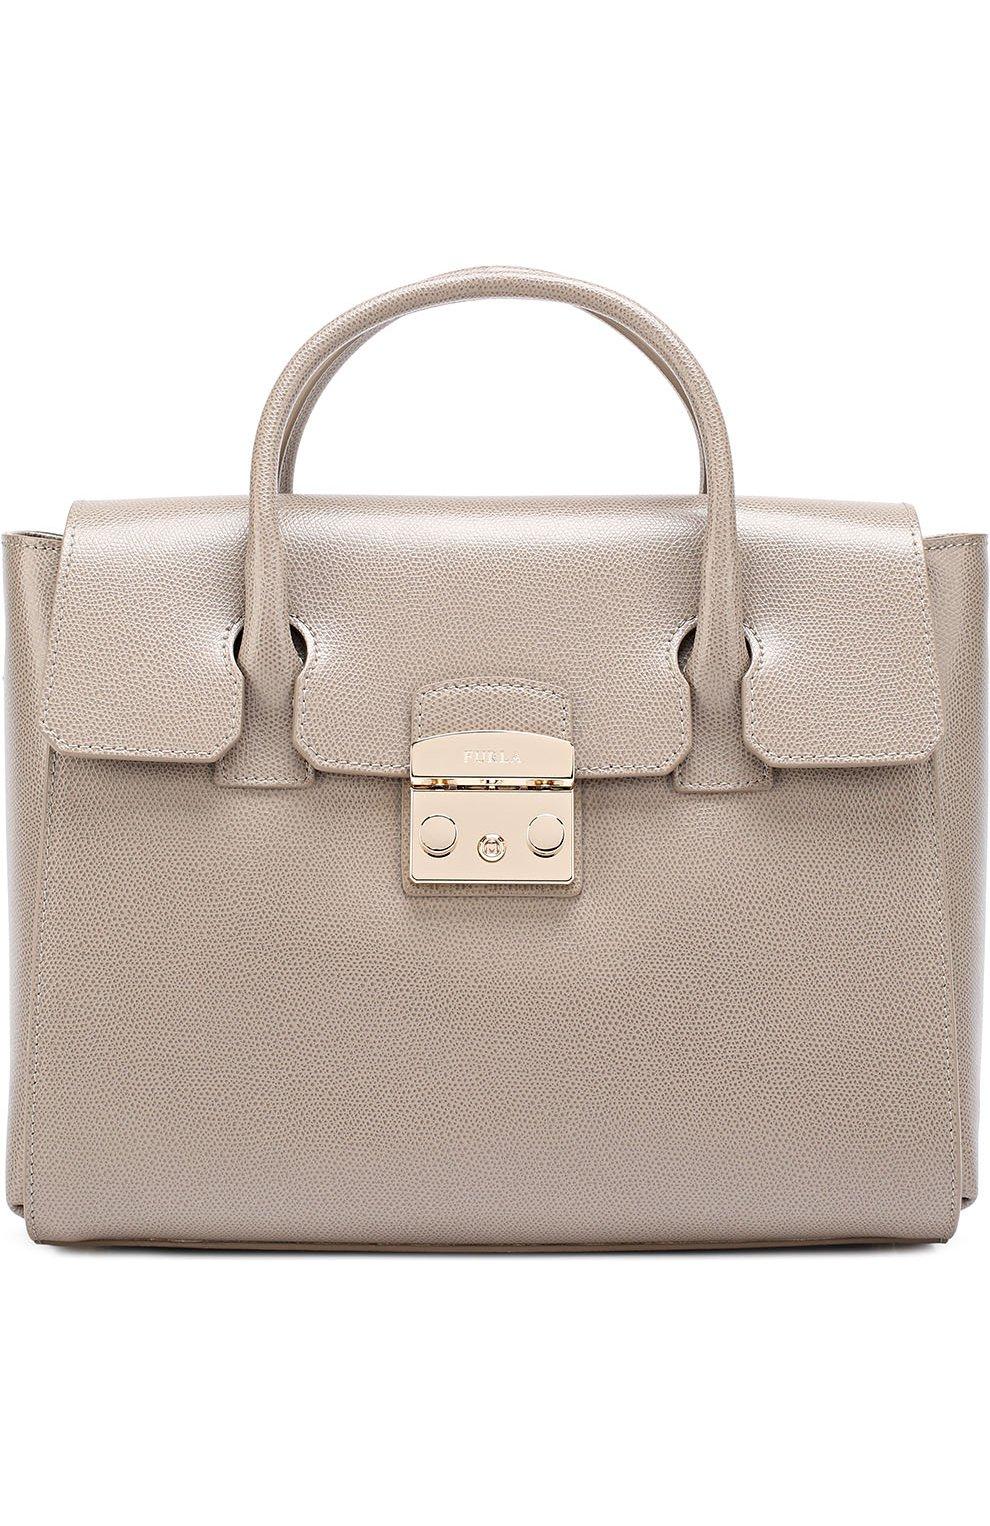 Женская сумка-тоут metropolis FURLA серого цвета — купить за 33500 ... a5191771636